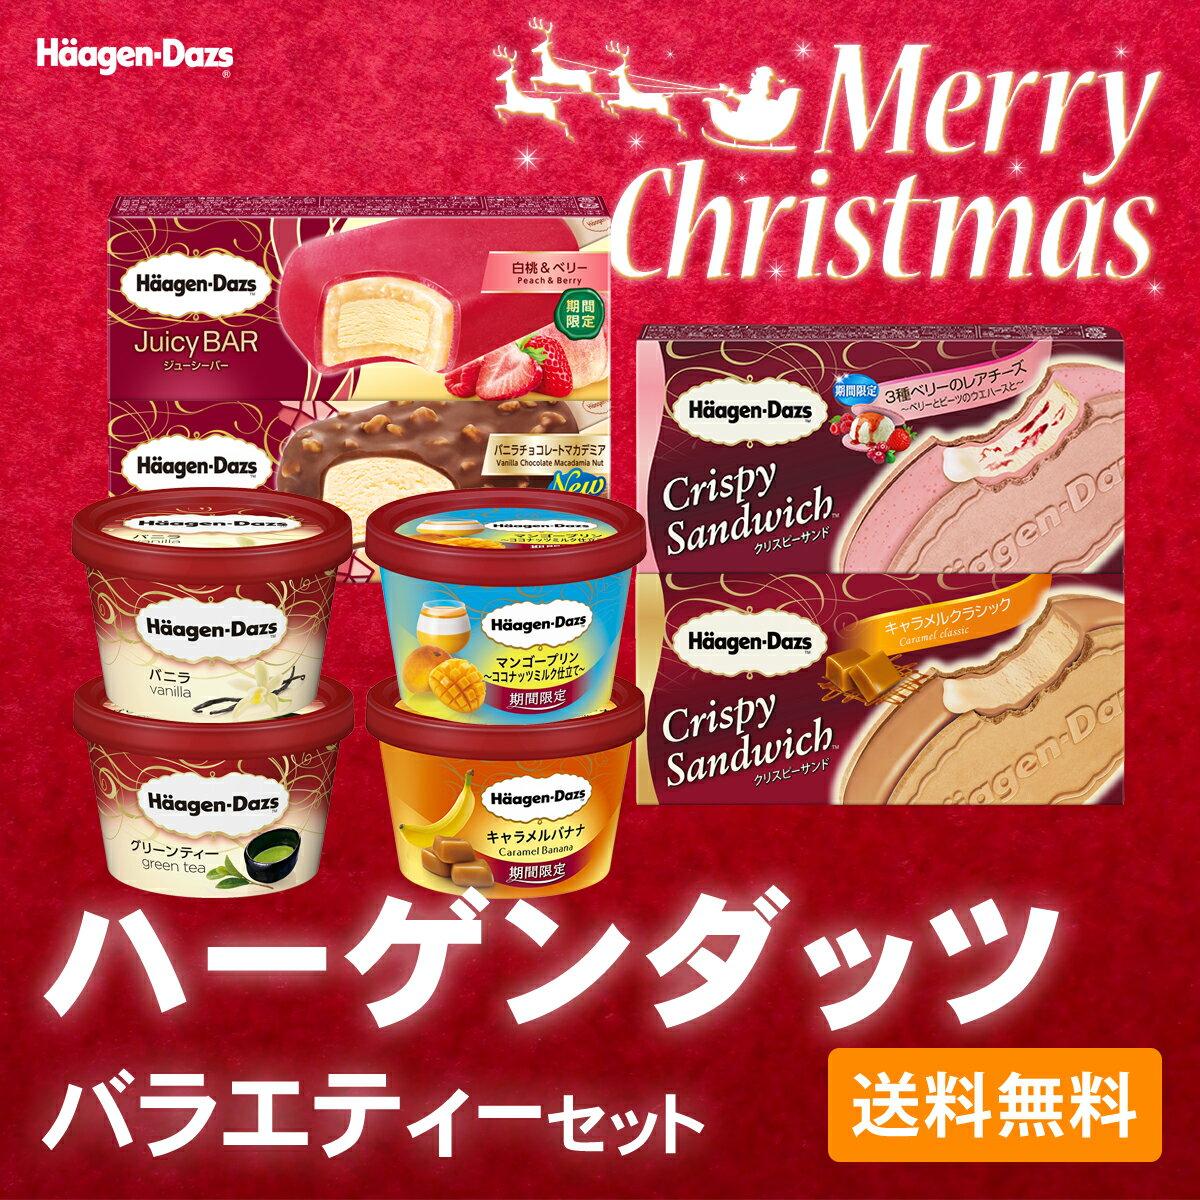 ハーゲンダッツ クリスマス ミニカップ4個 クリスピーサンド2個 ジューシー・クランチーバー セット 送料無料 お歳暮 クリスマス ギフト